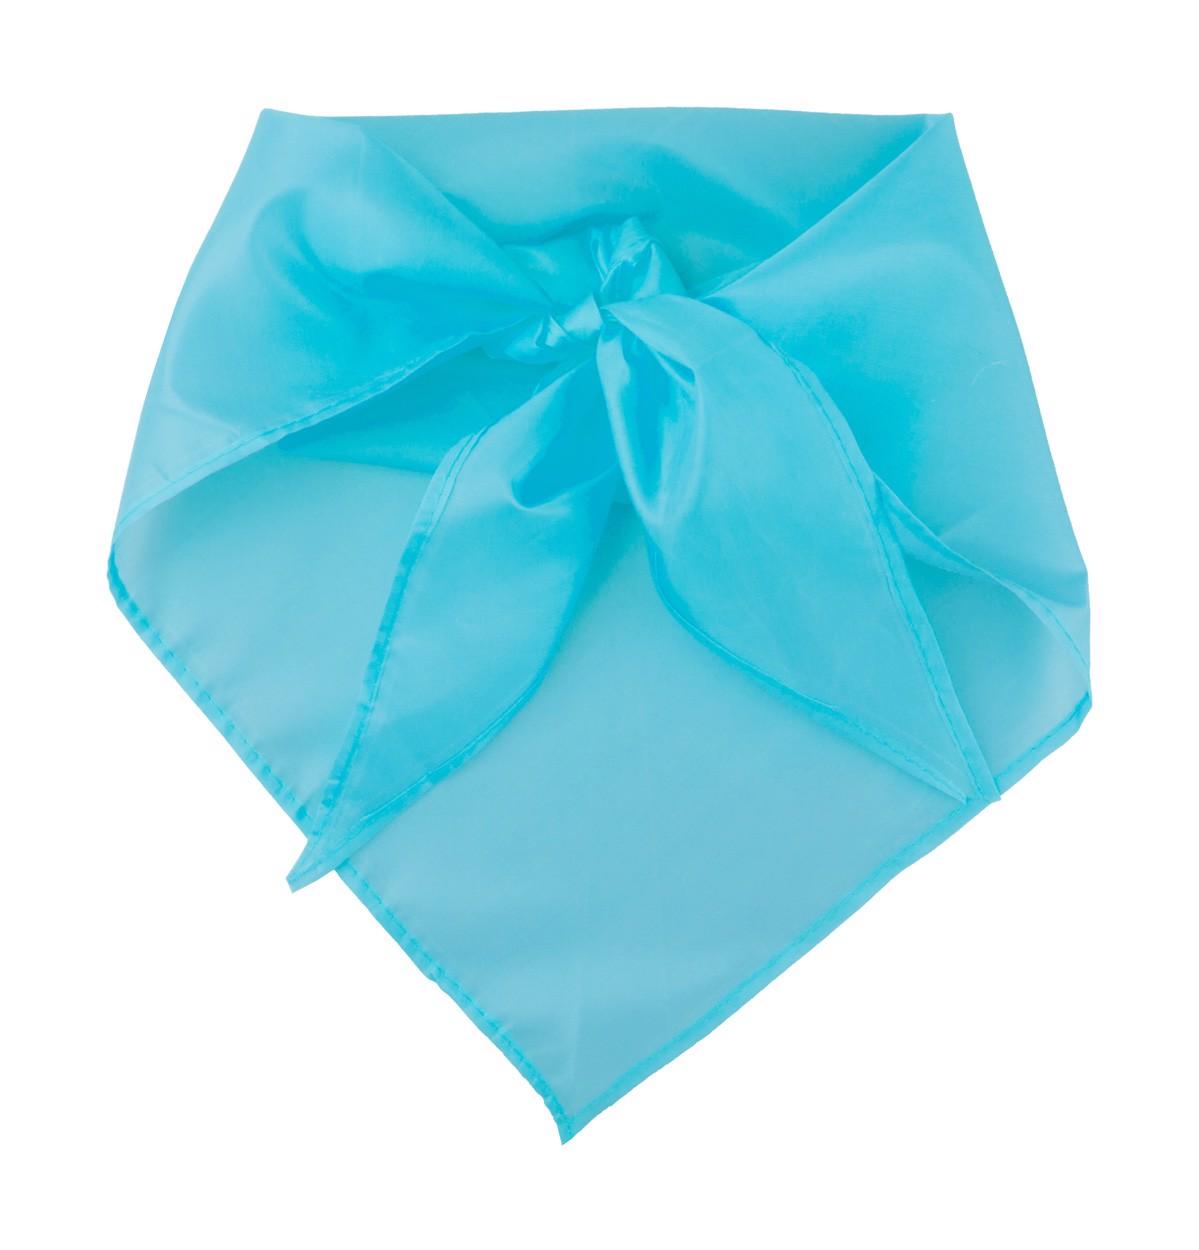 Šátek Plus - Světle Modrá